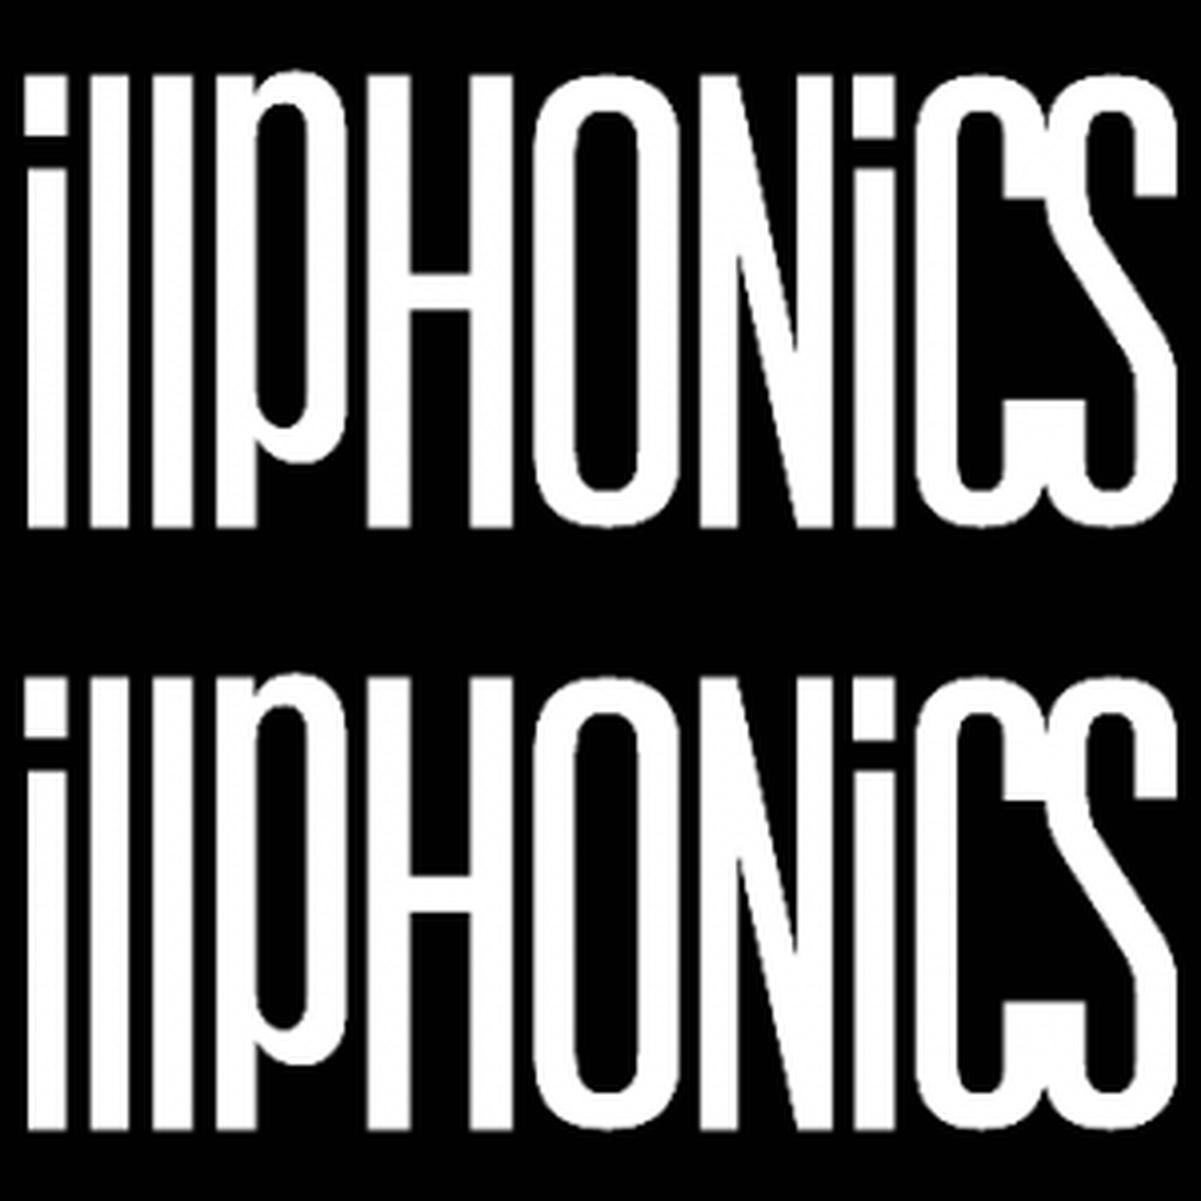 iLLPHONiCS wiki, iLLPHONiCS review, iLLPHONiCS history, iLLPHONiCS news